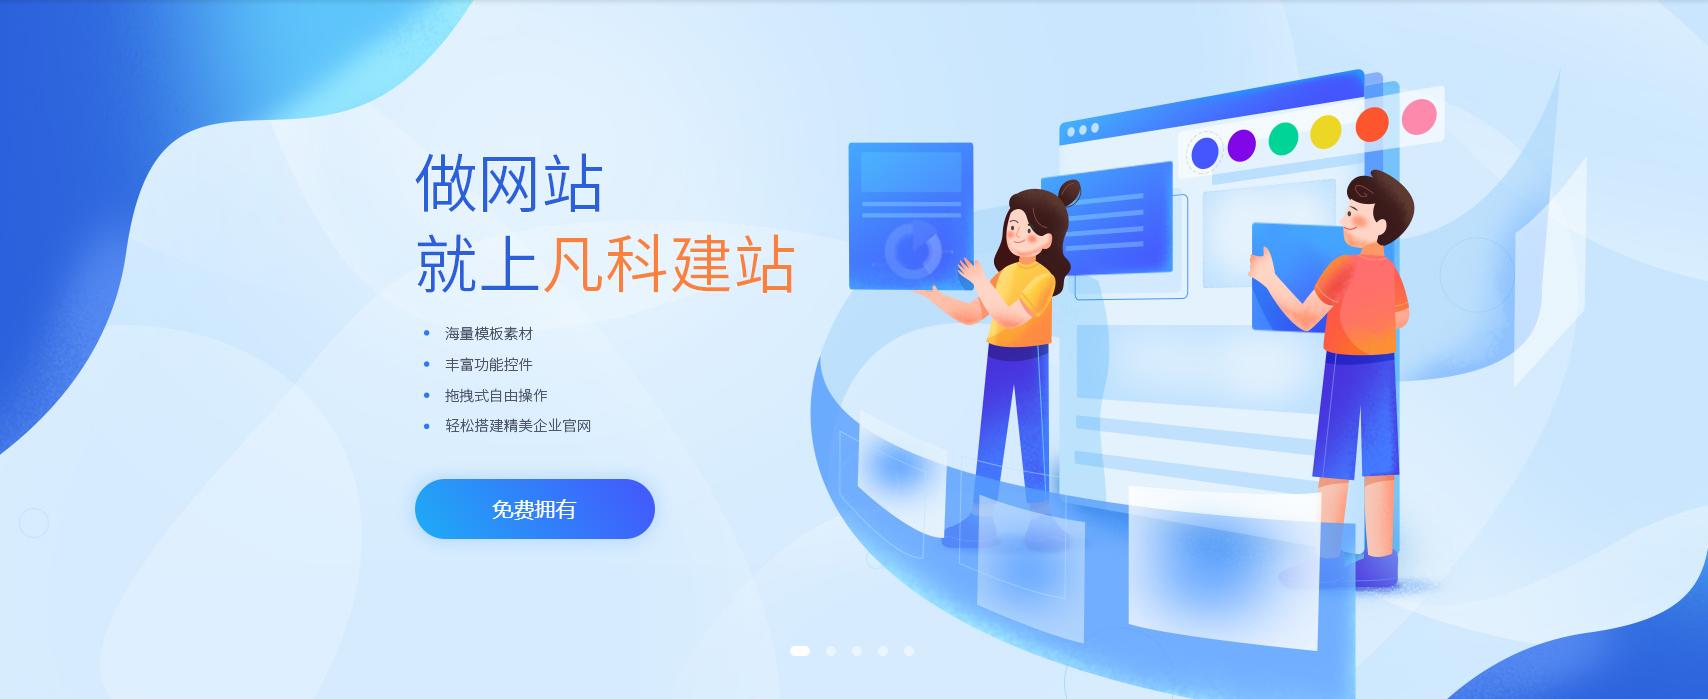 网站建设公司如何建设企业网站